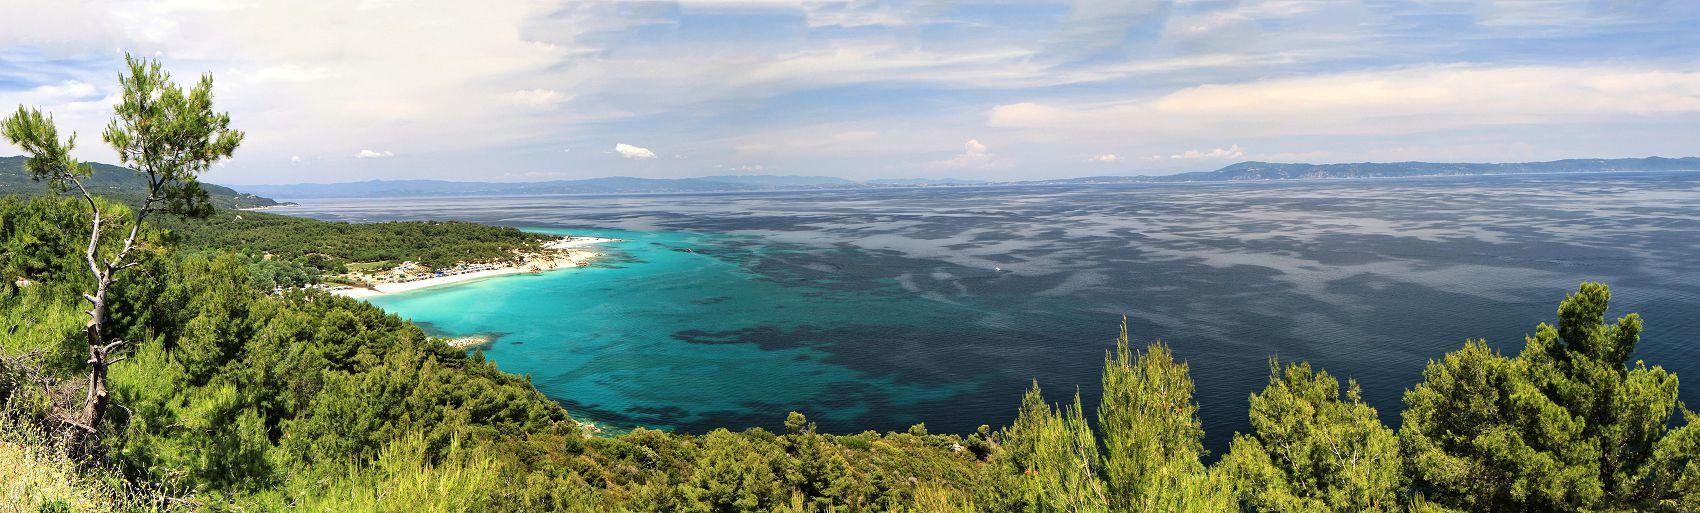 Море природа